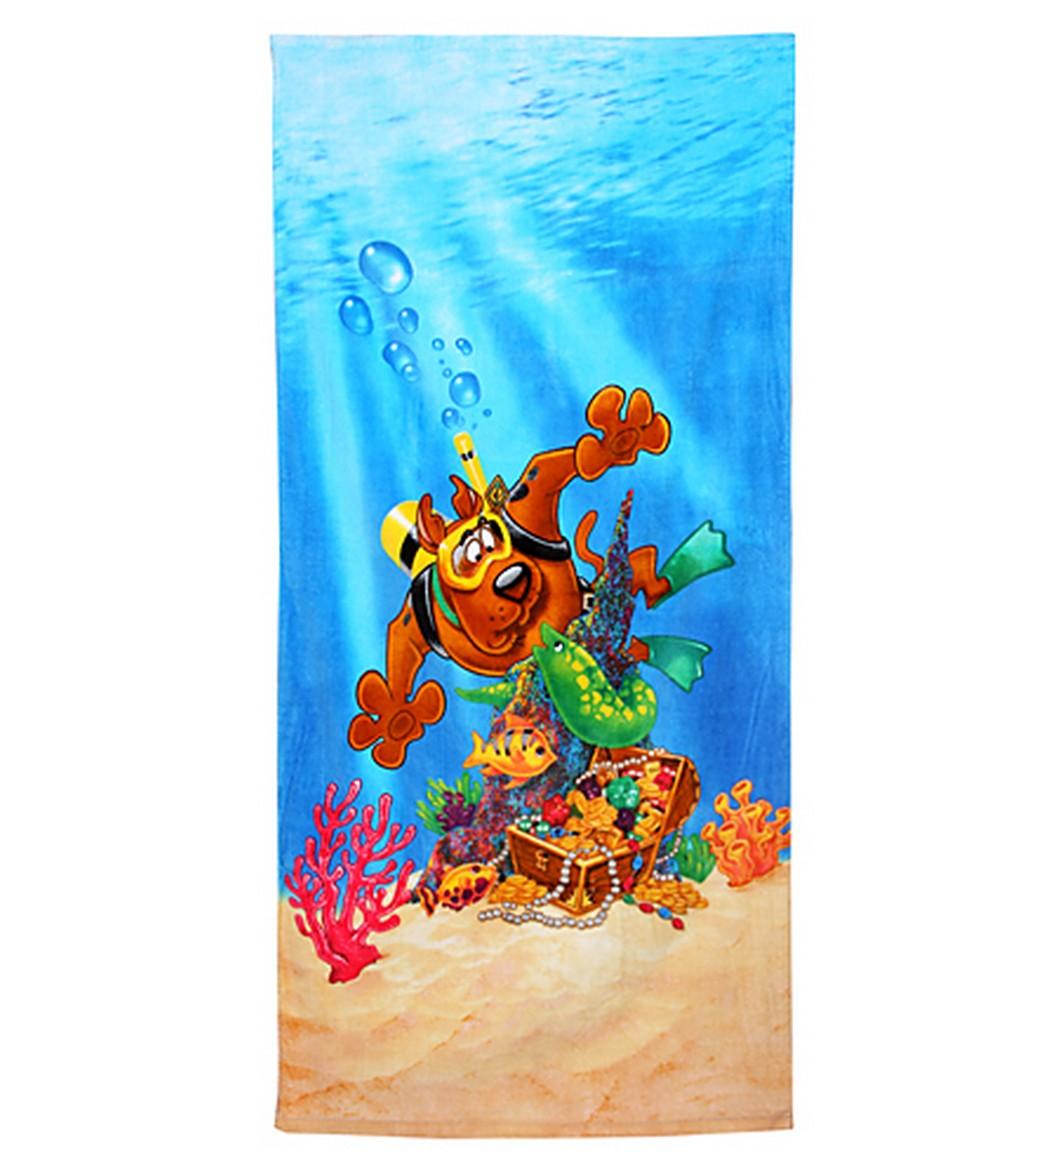 Scooby Doo beach towel 26